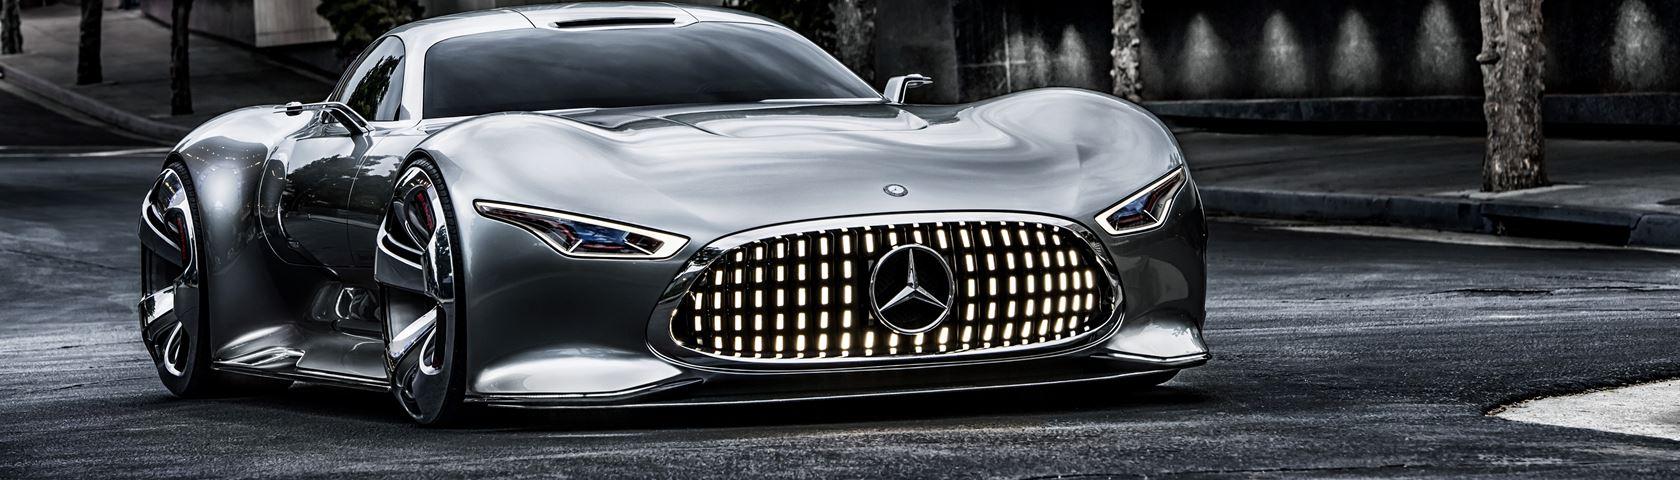 Mercedes-Benz AMG Vision Gran Turismo Concept 2013 #1